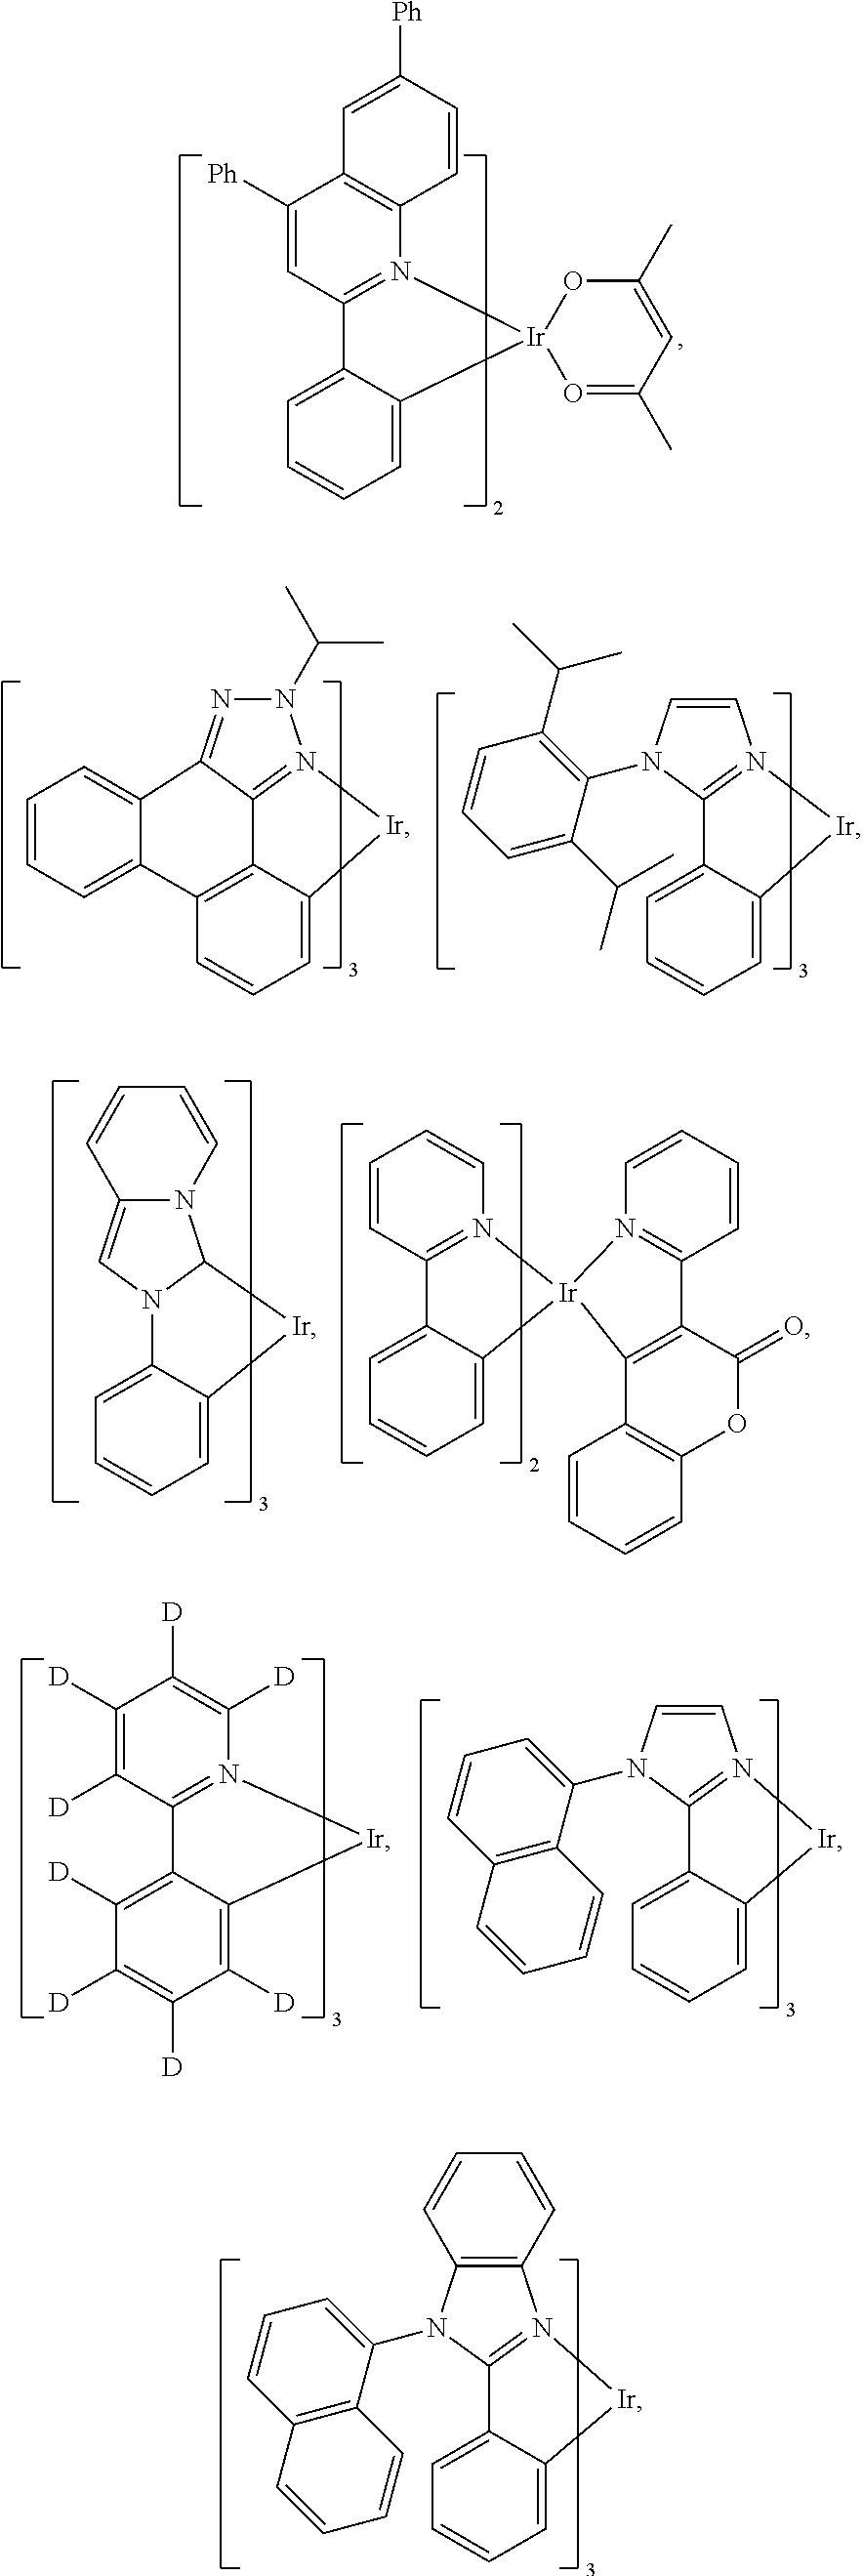 Figure US09978956-20180522-C00090